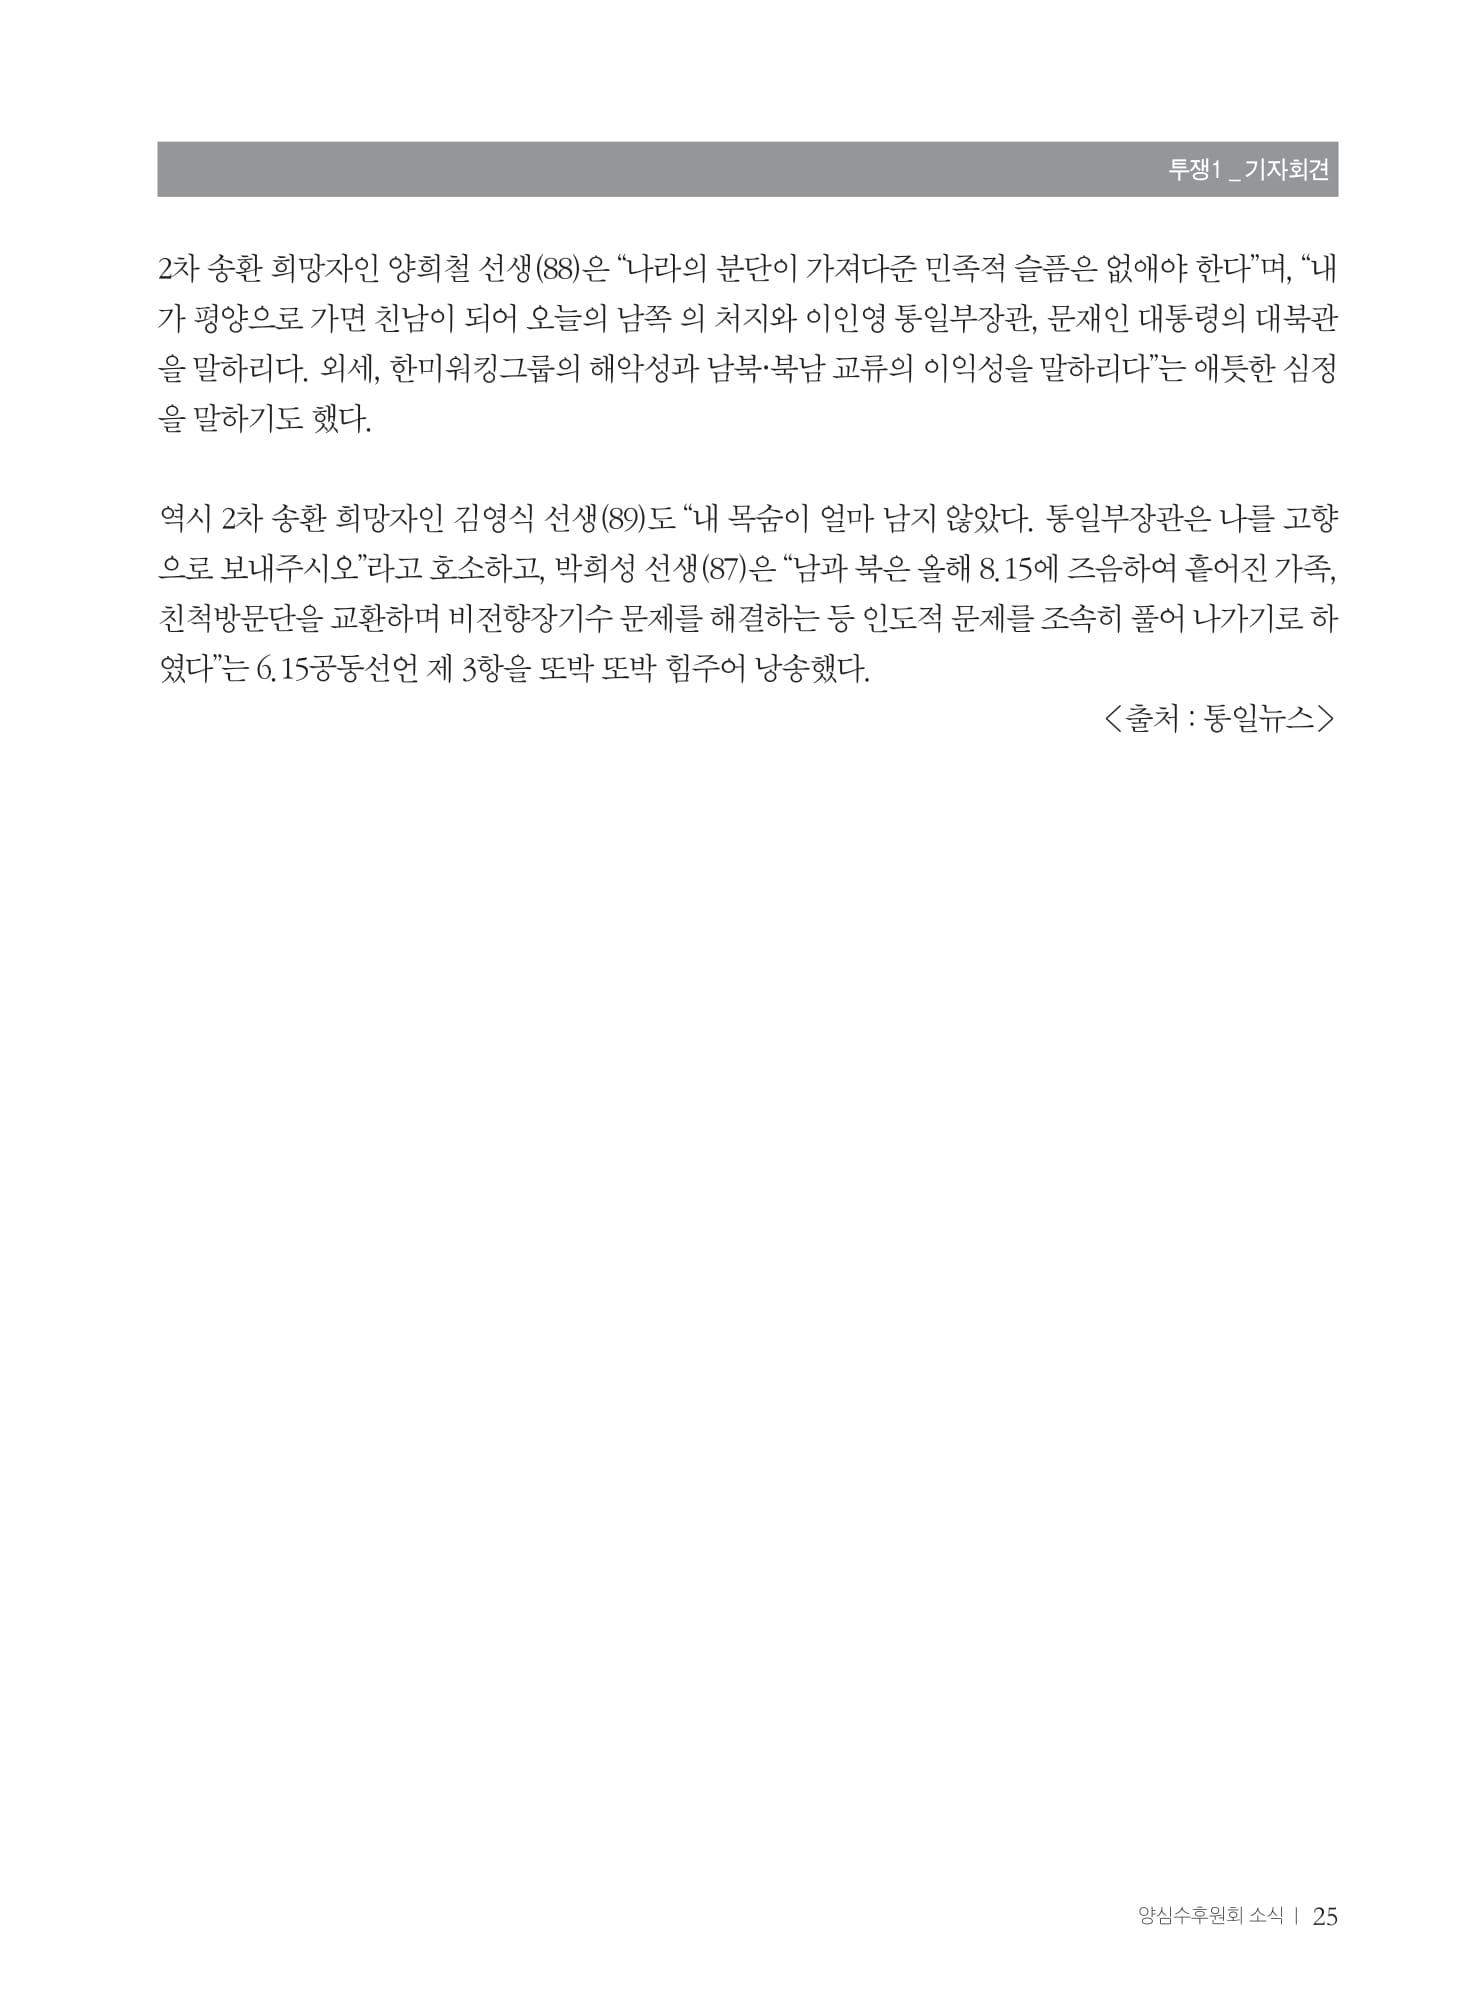 [양심수후원회] 소식지 354호 web 수정-27.jpg